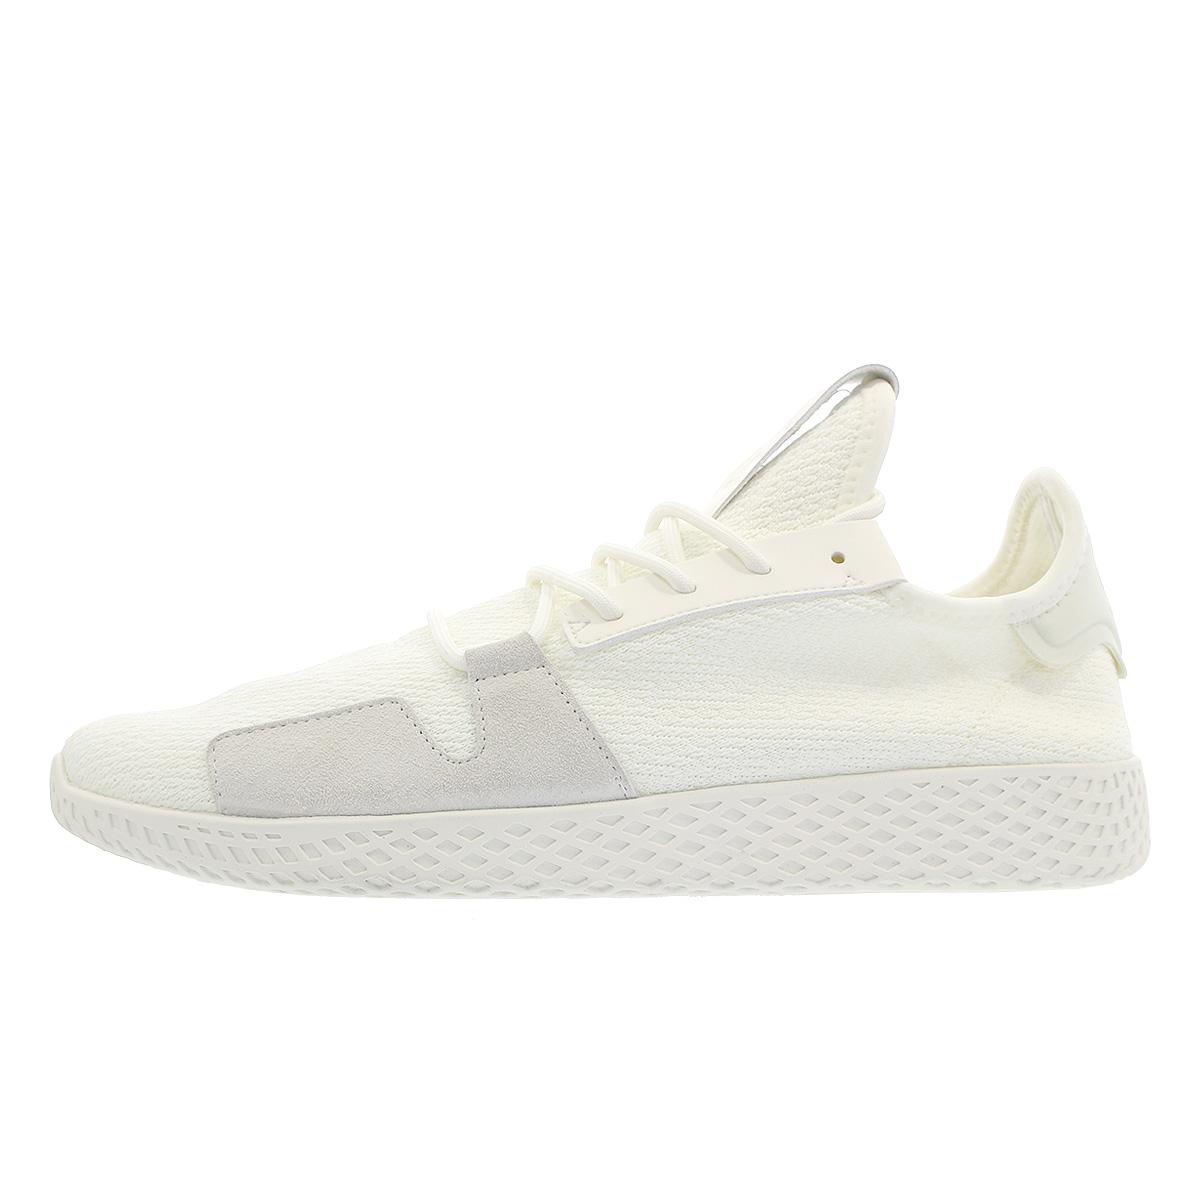 adidas PW TENNIS HU V2 Adidas Farrell Williams tennis HU V2 OFF WHITEOFF WHITECORE BLACK